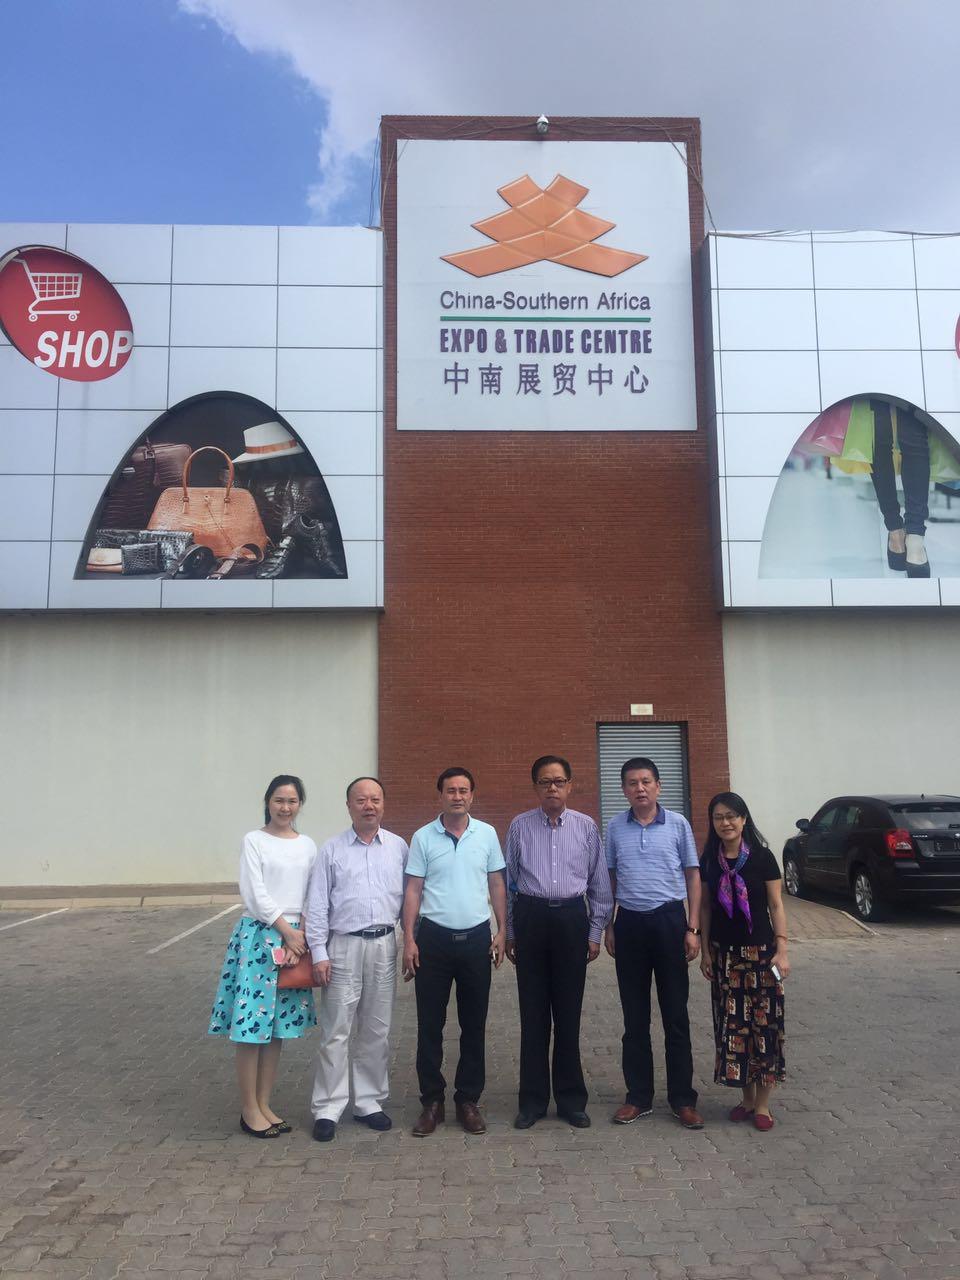 汕头市政府经贸代表团访问中南展贸中心